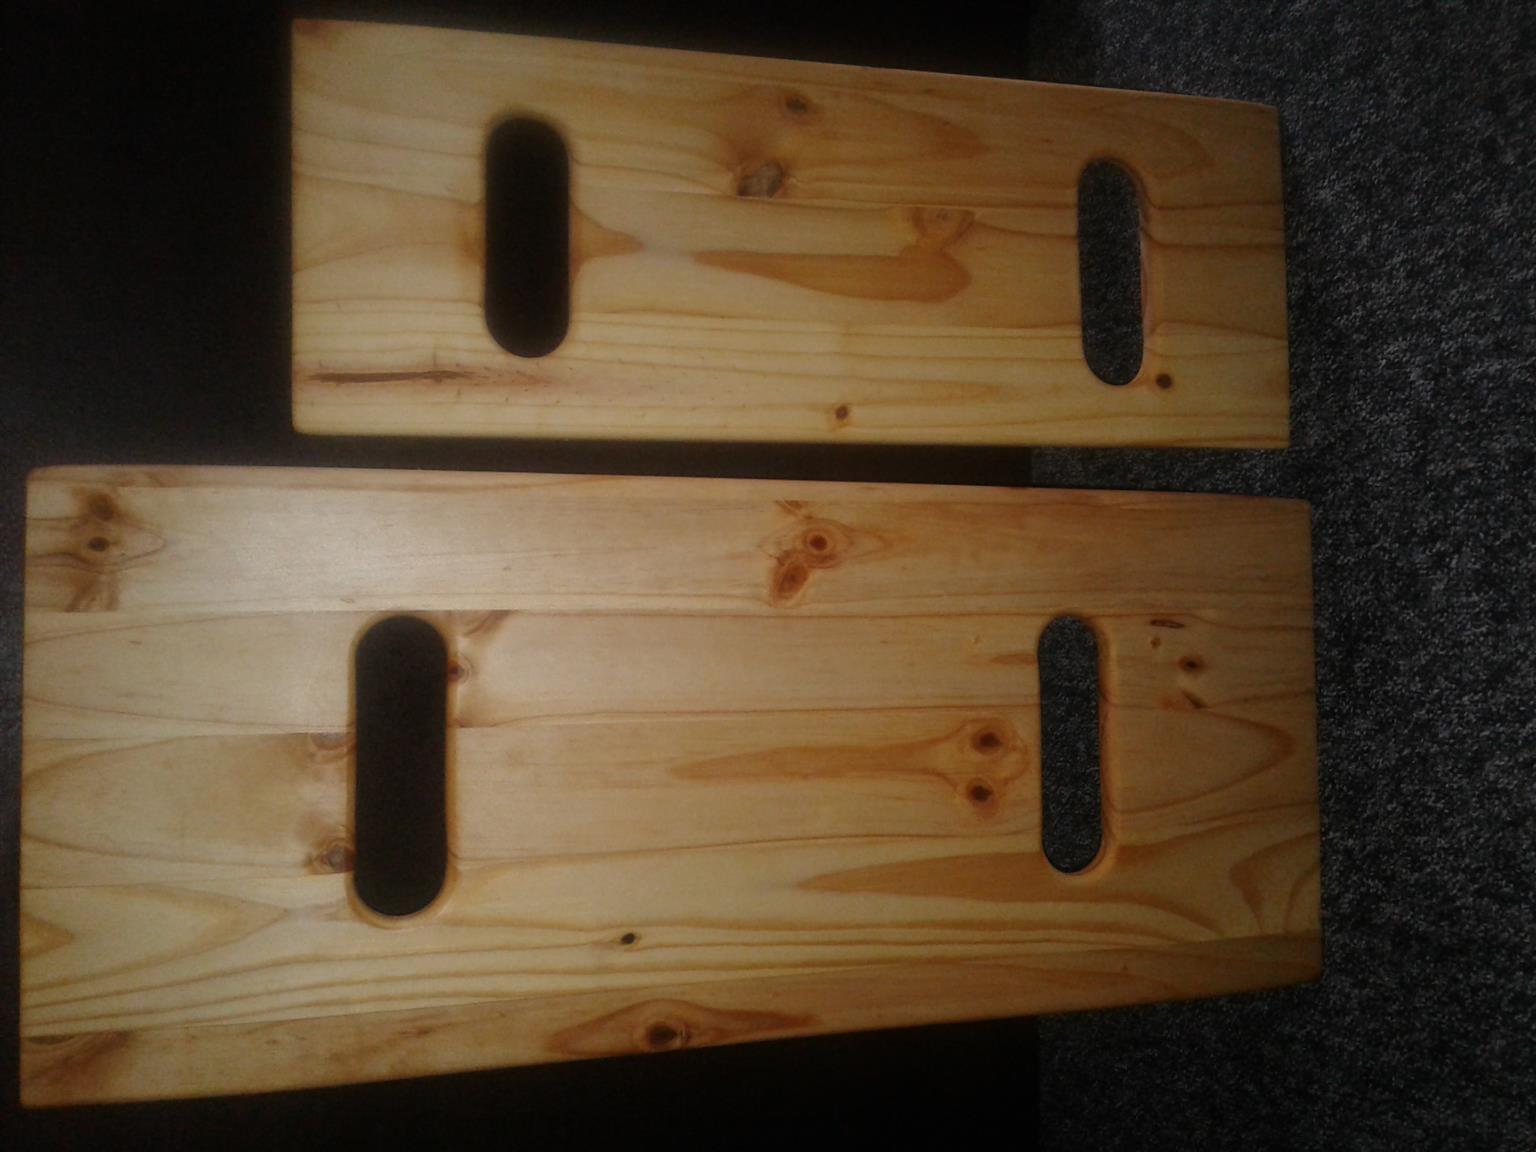 Wooden Transfer boards